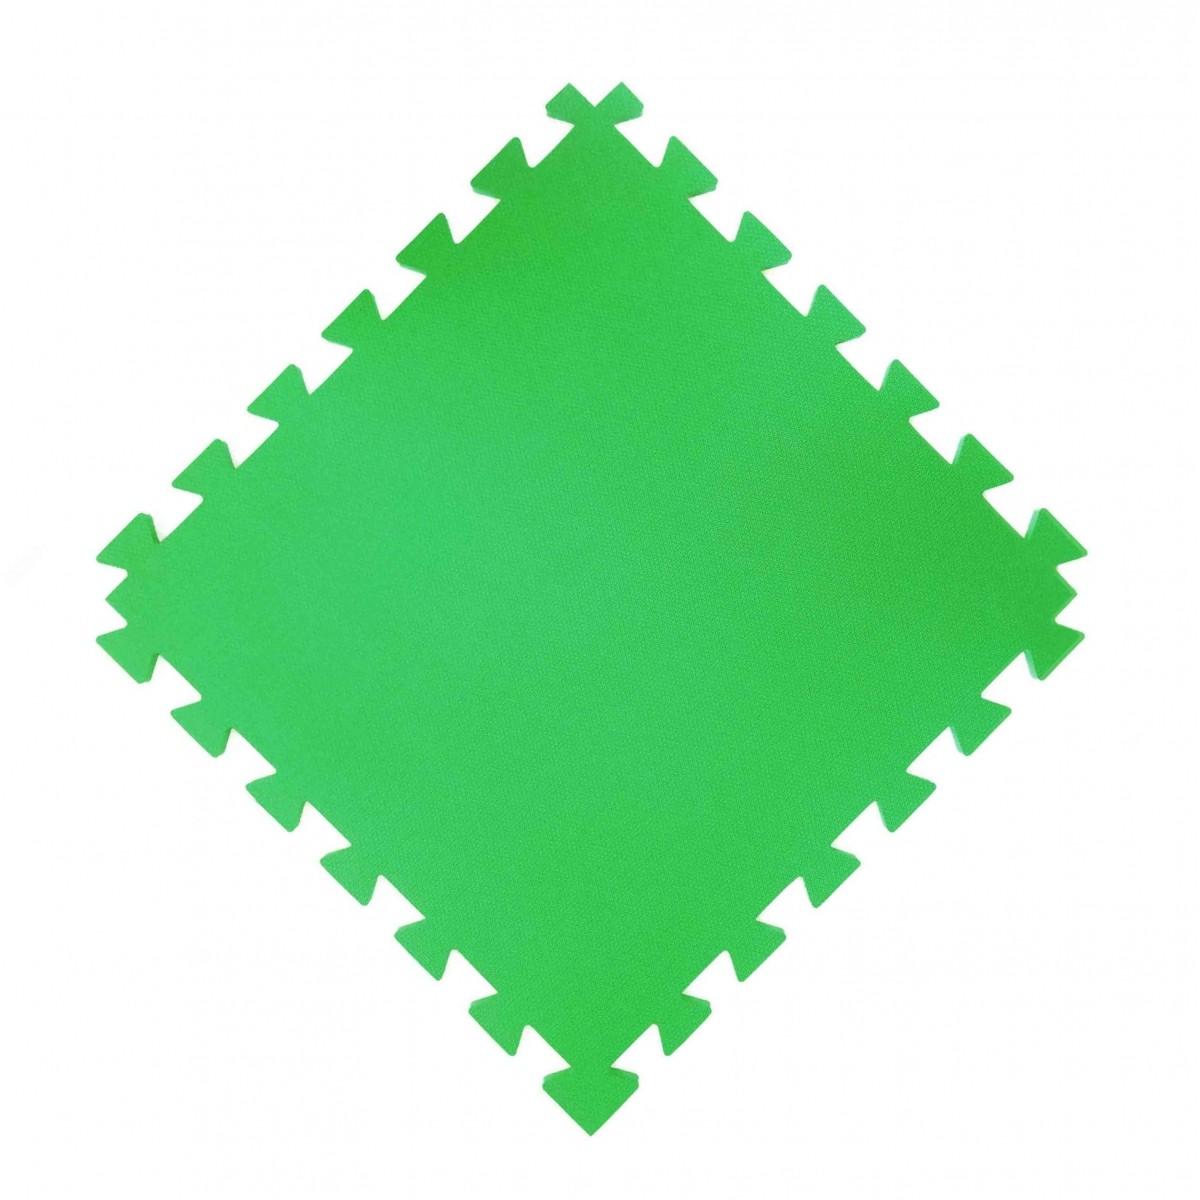 Tatame  100x100cm Com 30mm de Espessura   Verde Claro  -